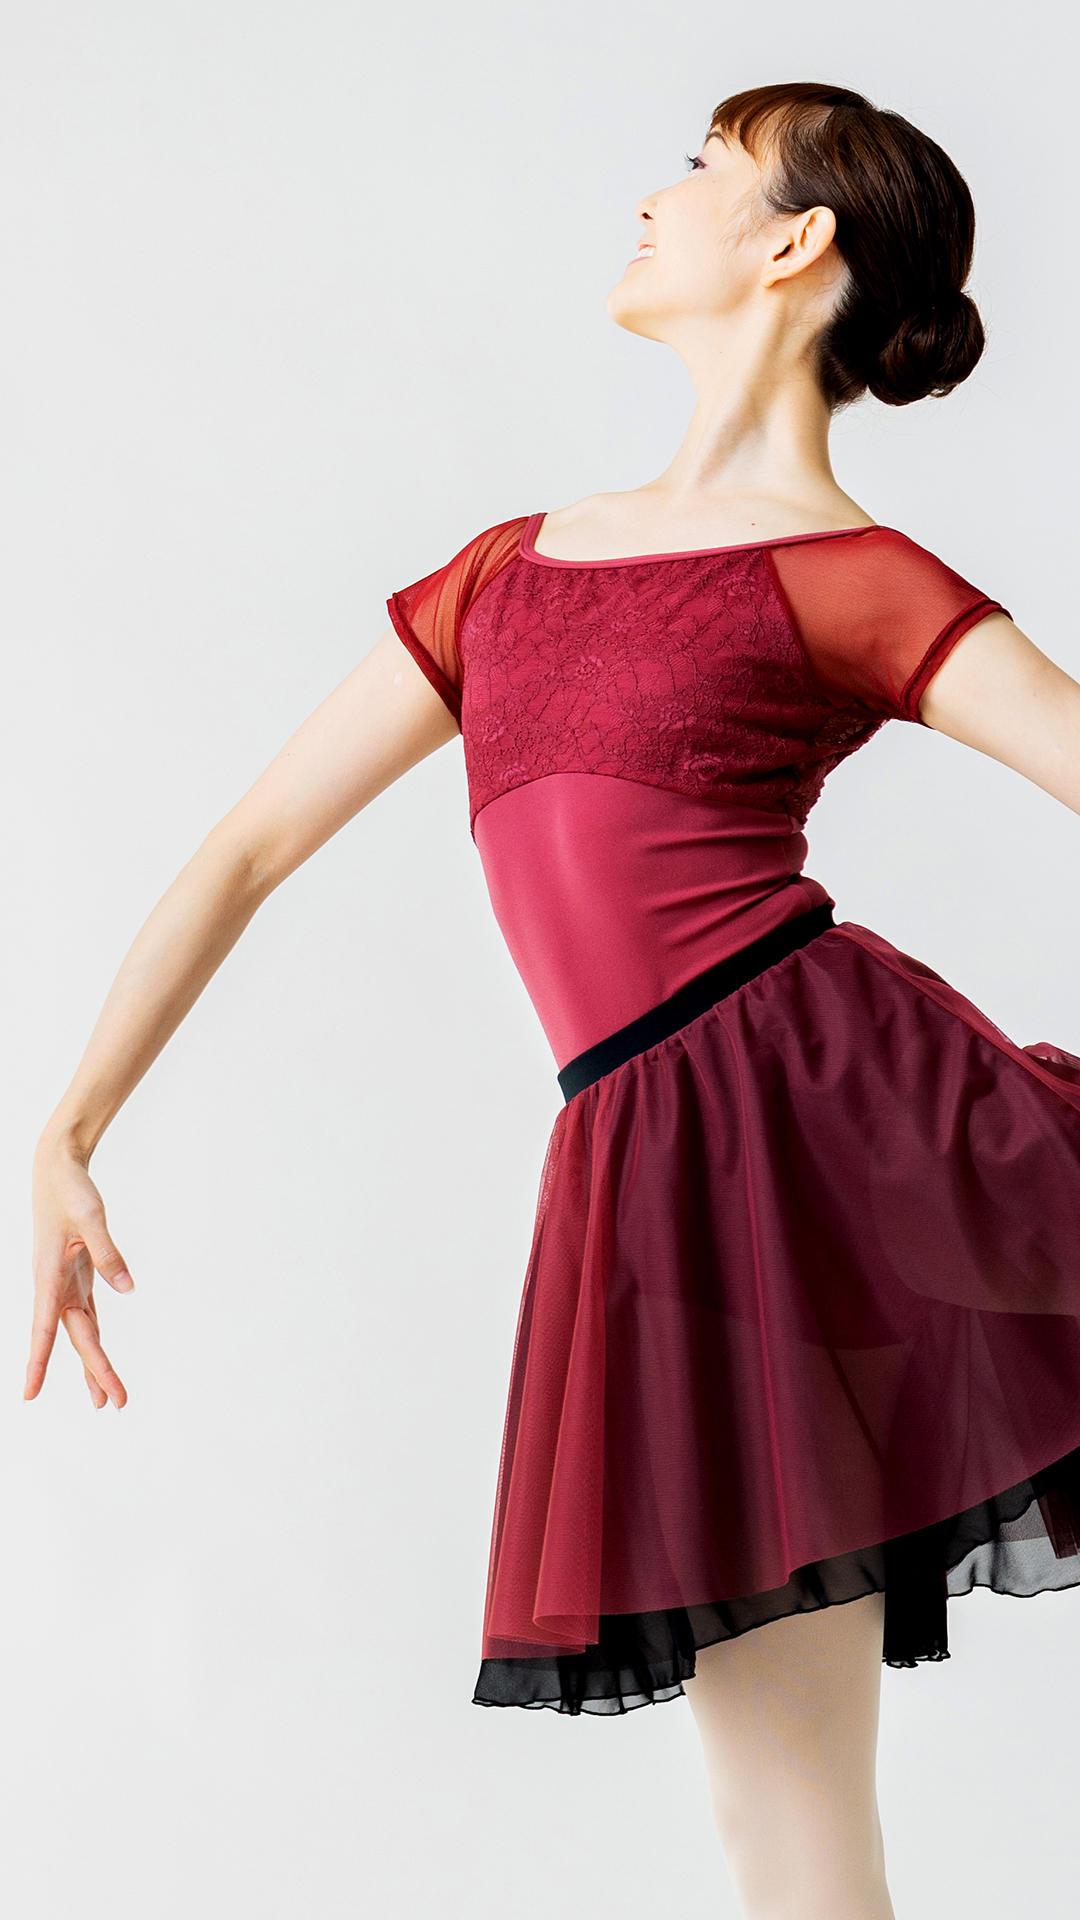 6_ballet_new_6.jpg